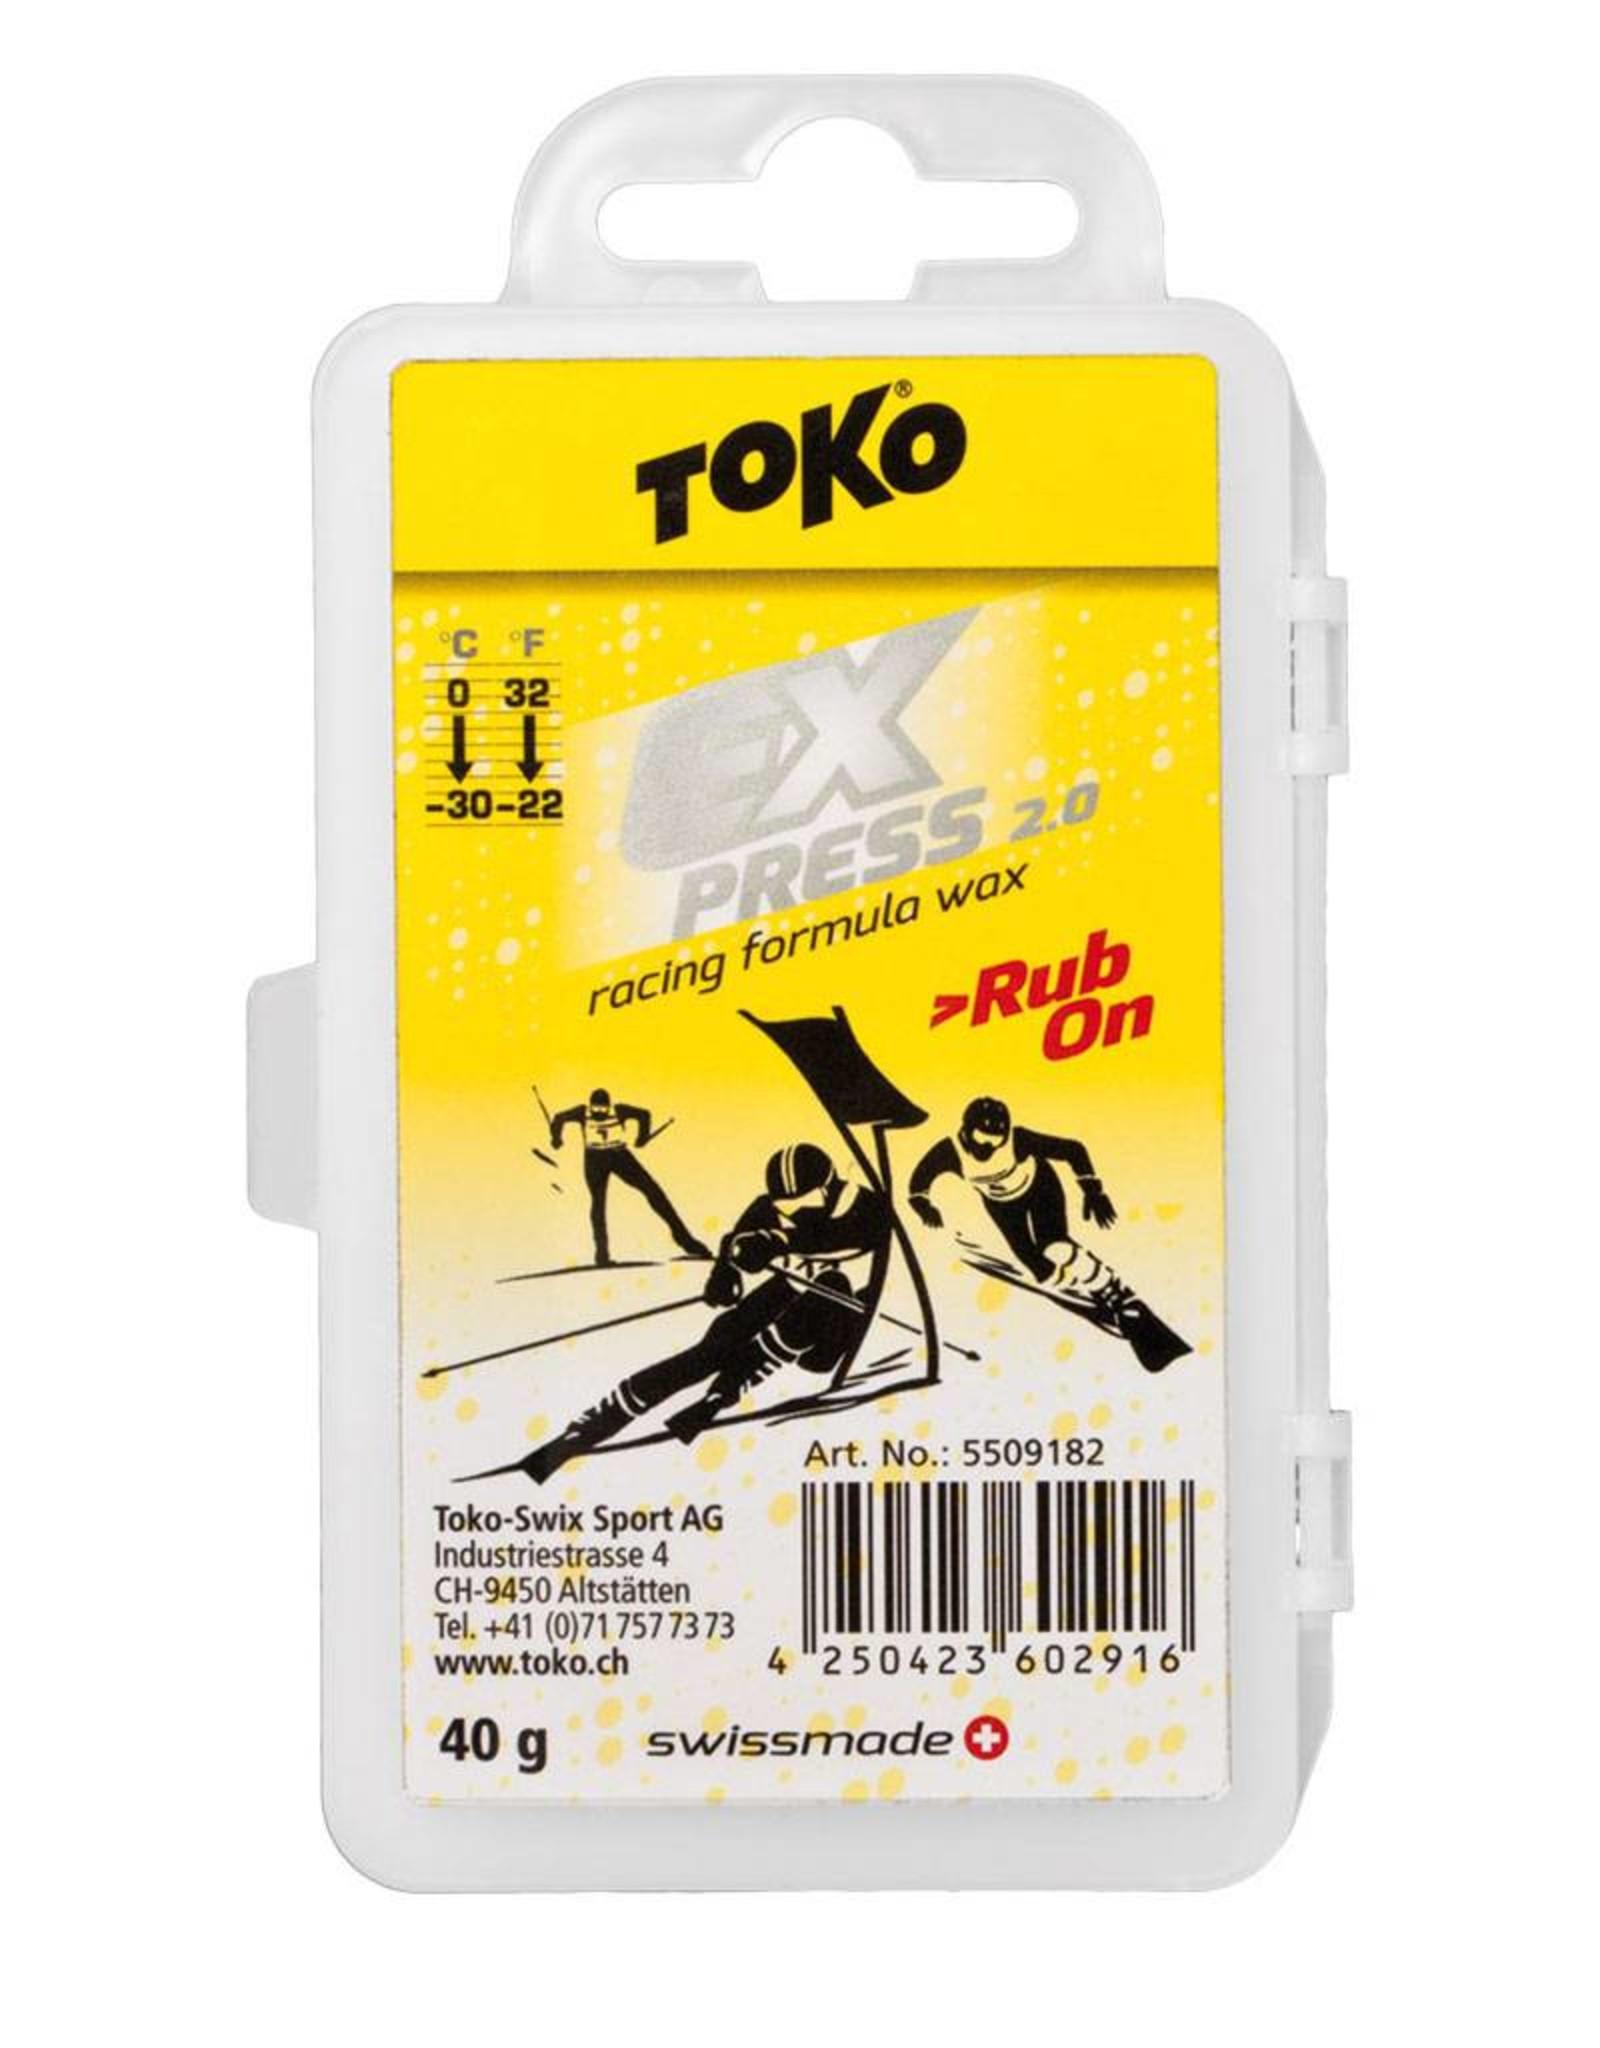 TOKO Toko Express Racing Rub on Wax 40g (0 °C / -30 °C)